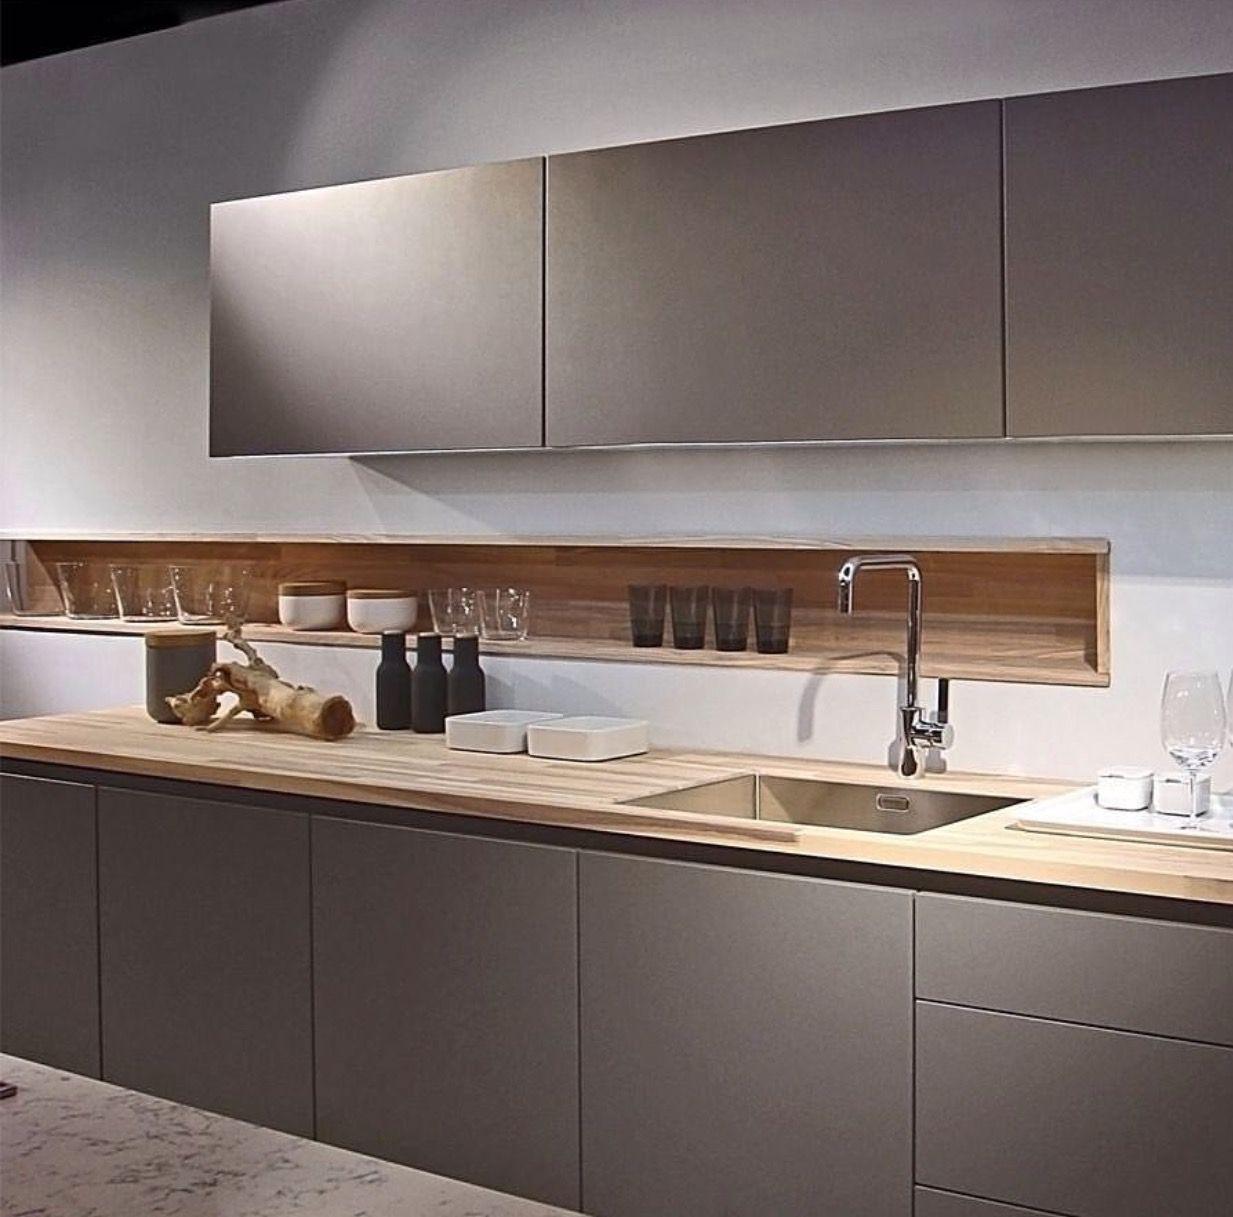 Nicho na parede libera a bancada cozinha pinterest for Design kitchen set